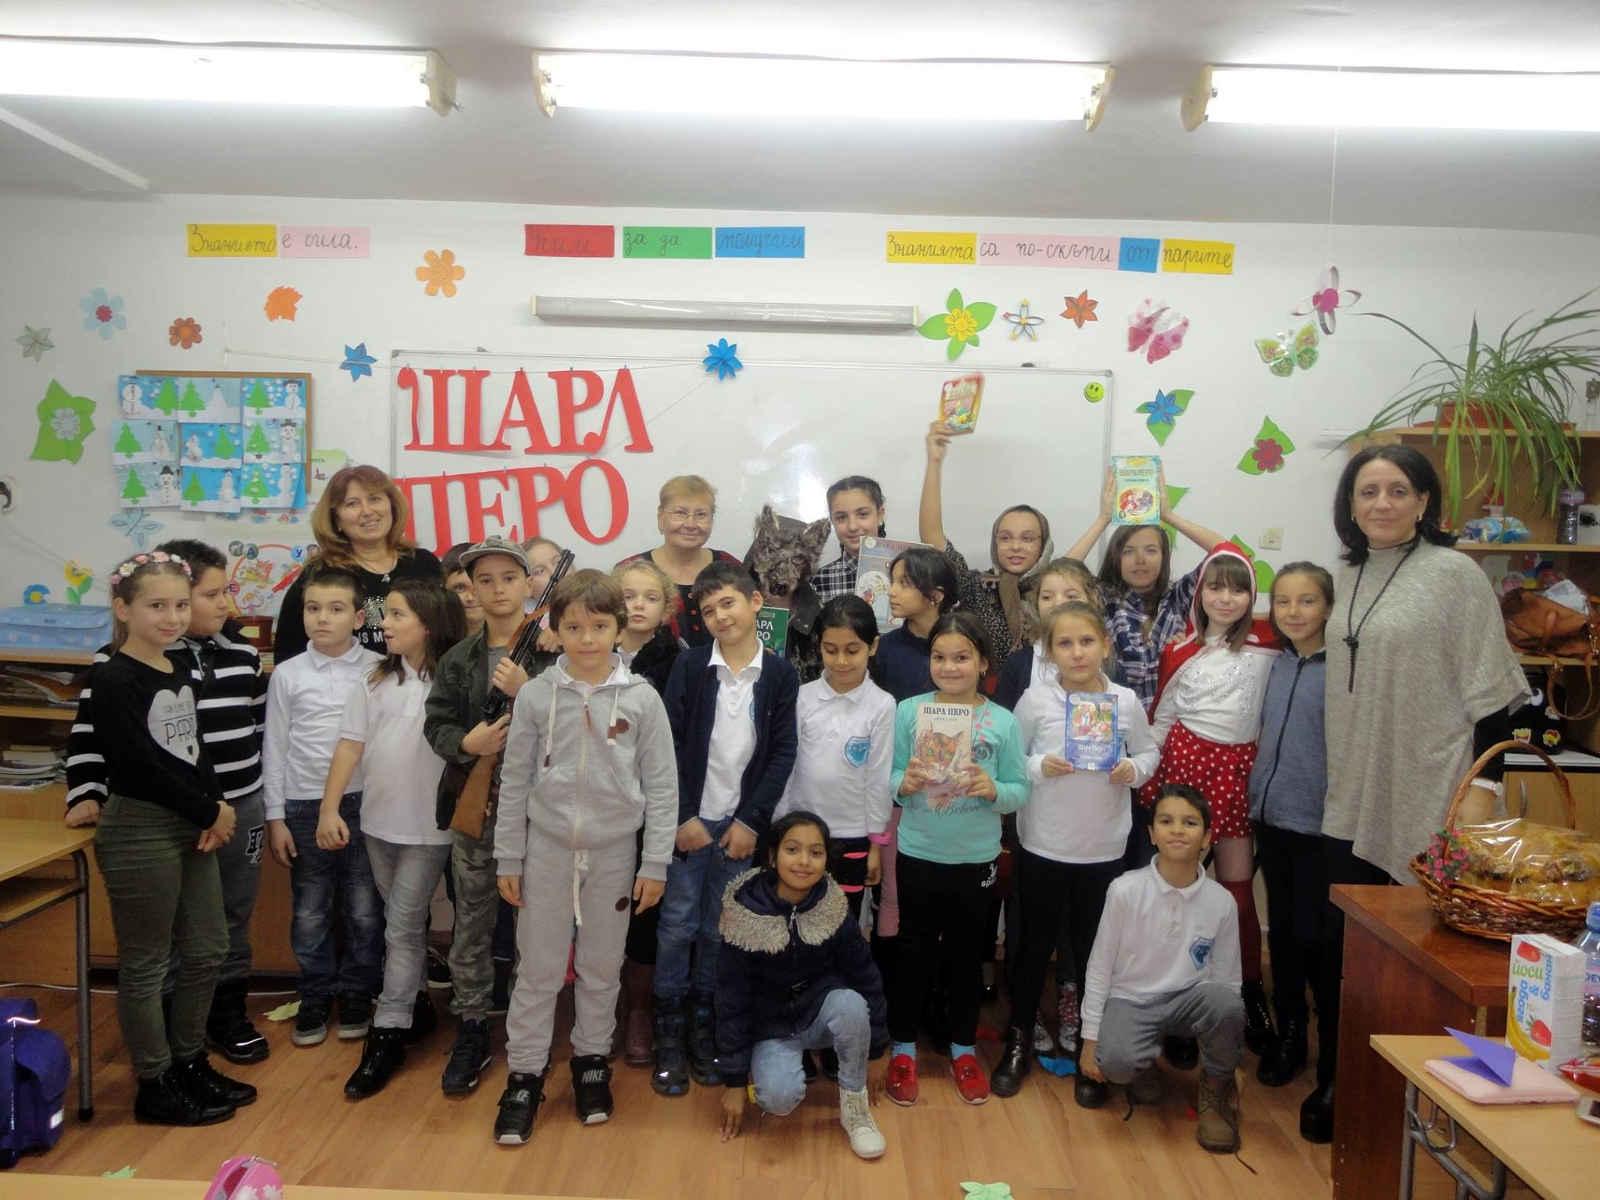 Деца от Царево отбелязаха 390 години от рождението на Шарл Перо с тържество